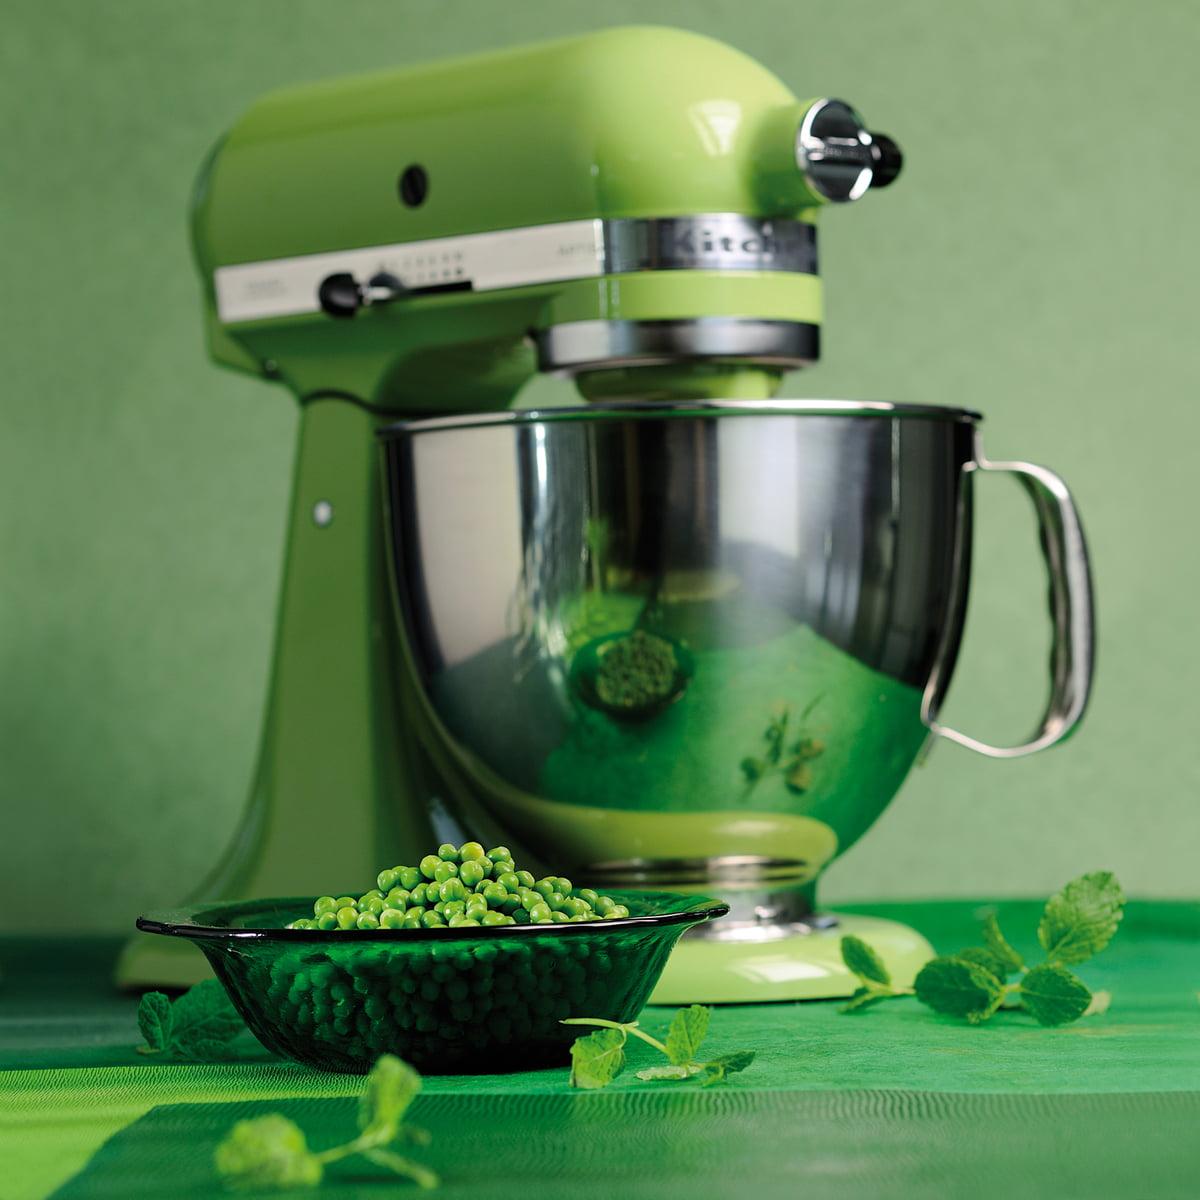 artisan kitchen appliance 4 8 l by kitchenaid